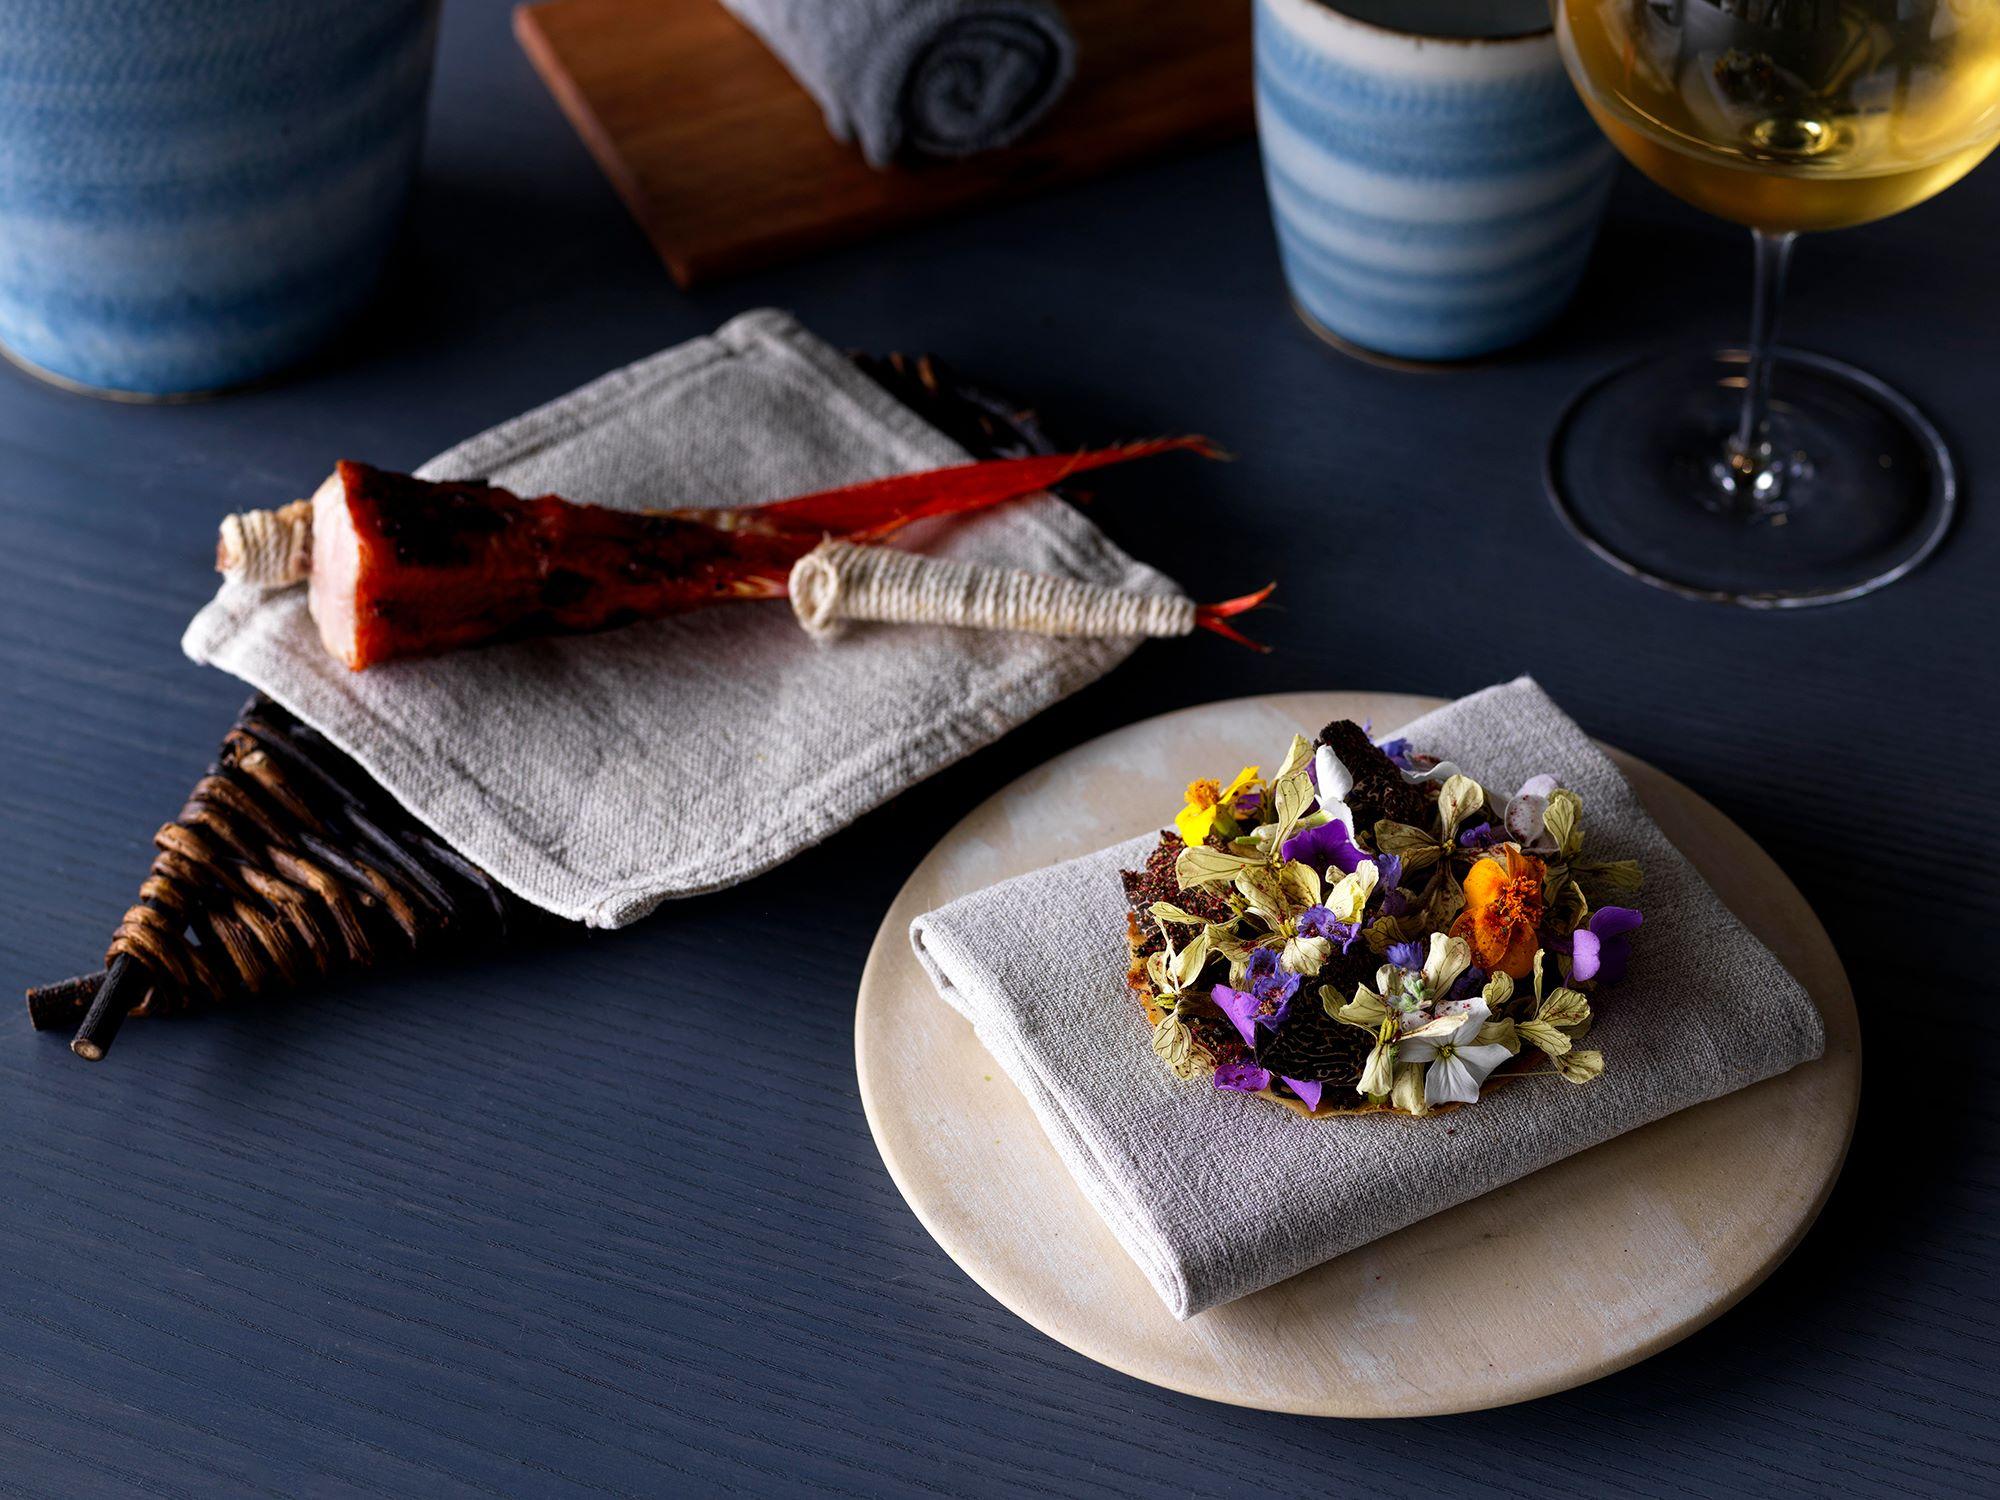 金目鯛にハバネロ味噌の風味をつけて炭火で焼いた料理。手で食べられるよう紐を巻いて。手前は黒トリュフをベースにしたピューレをのせた花のタルト。Photography Jason Loucas